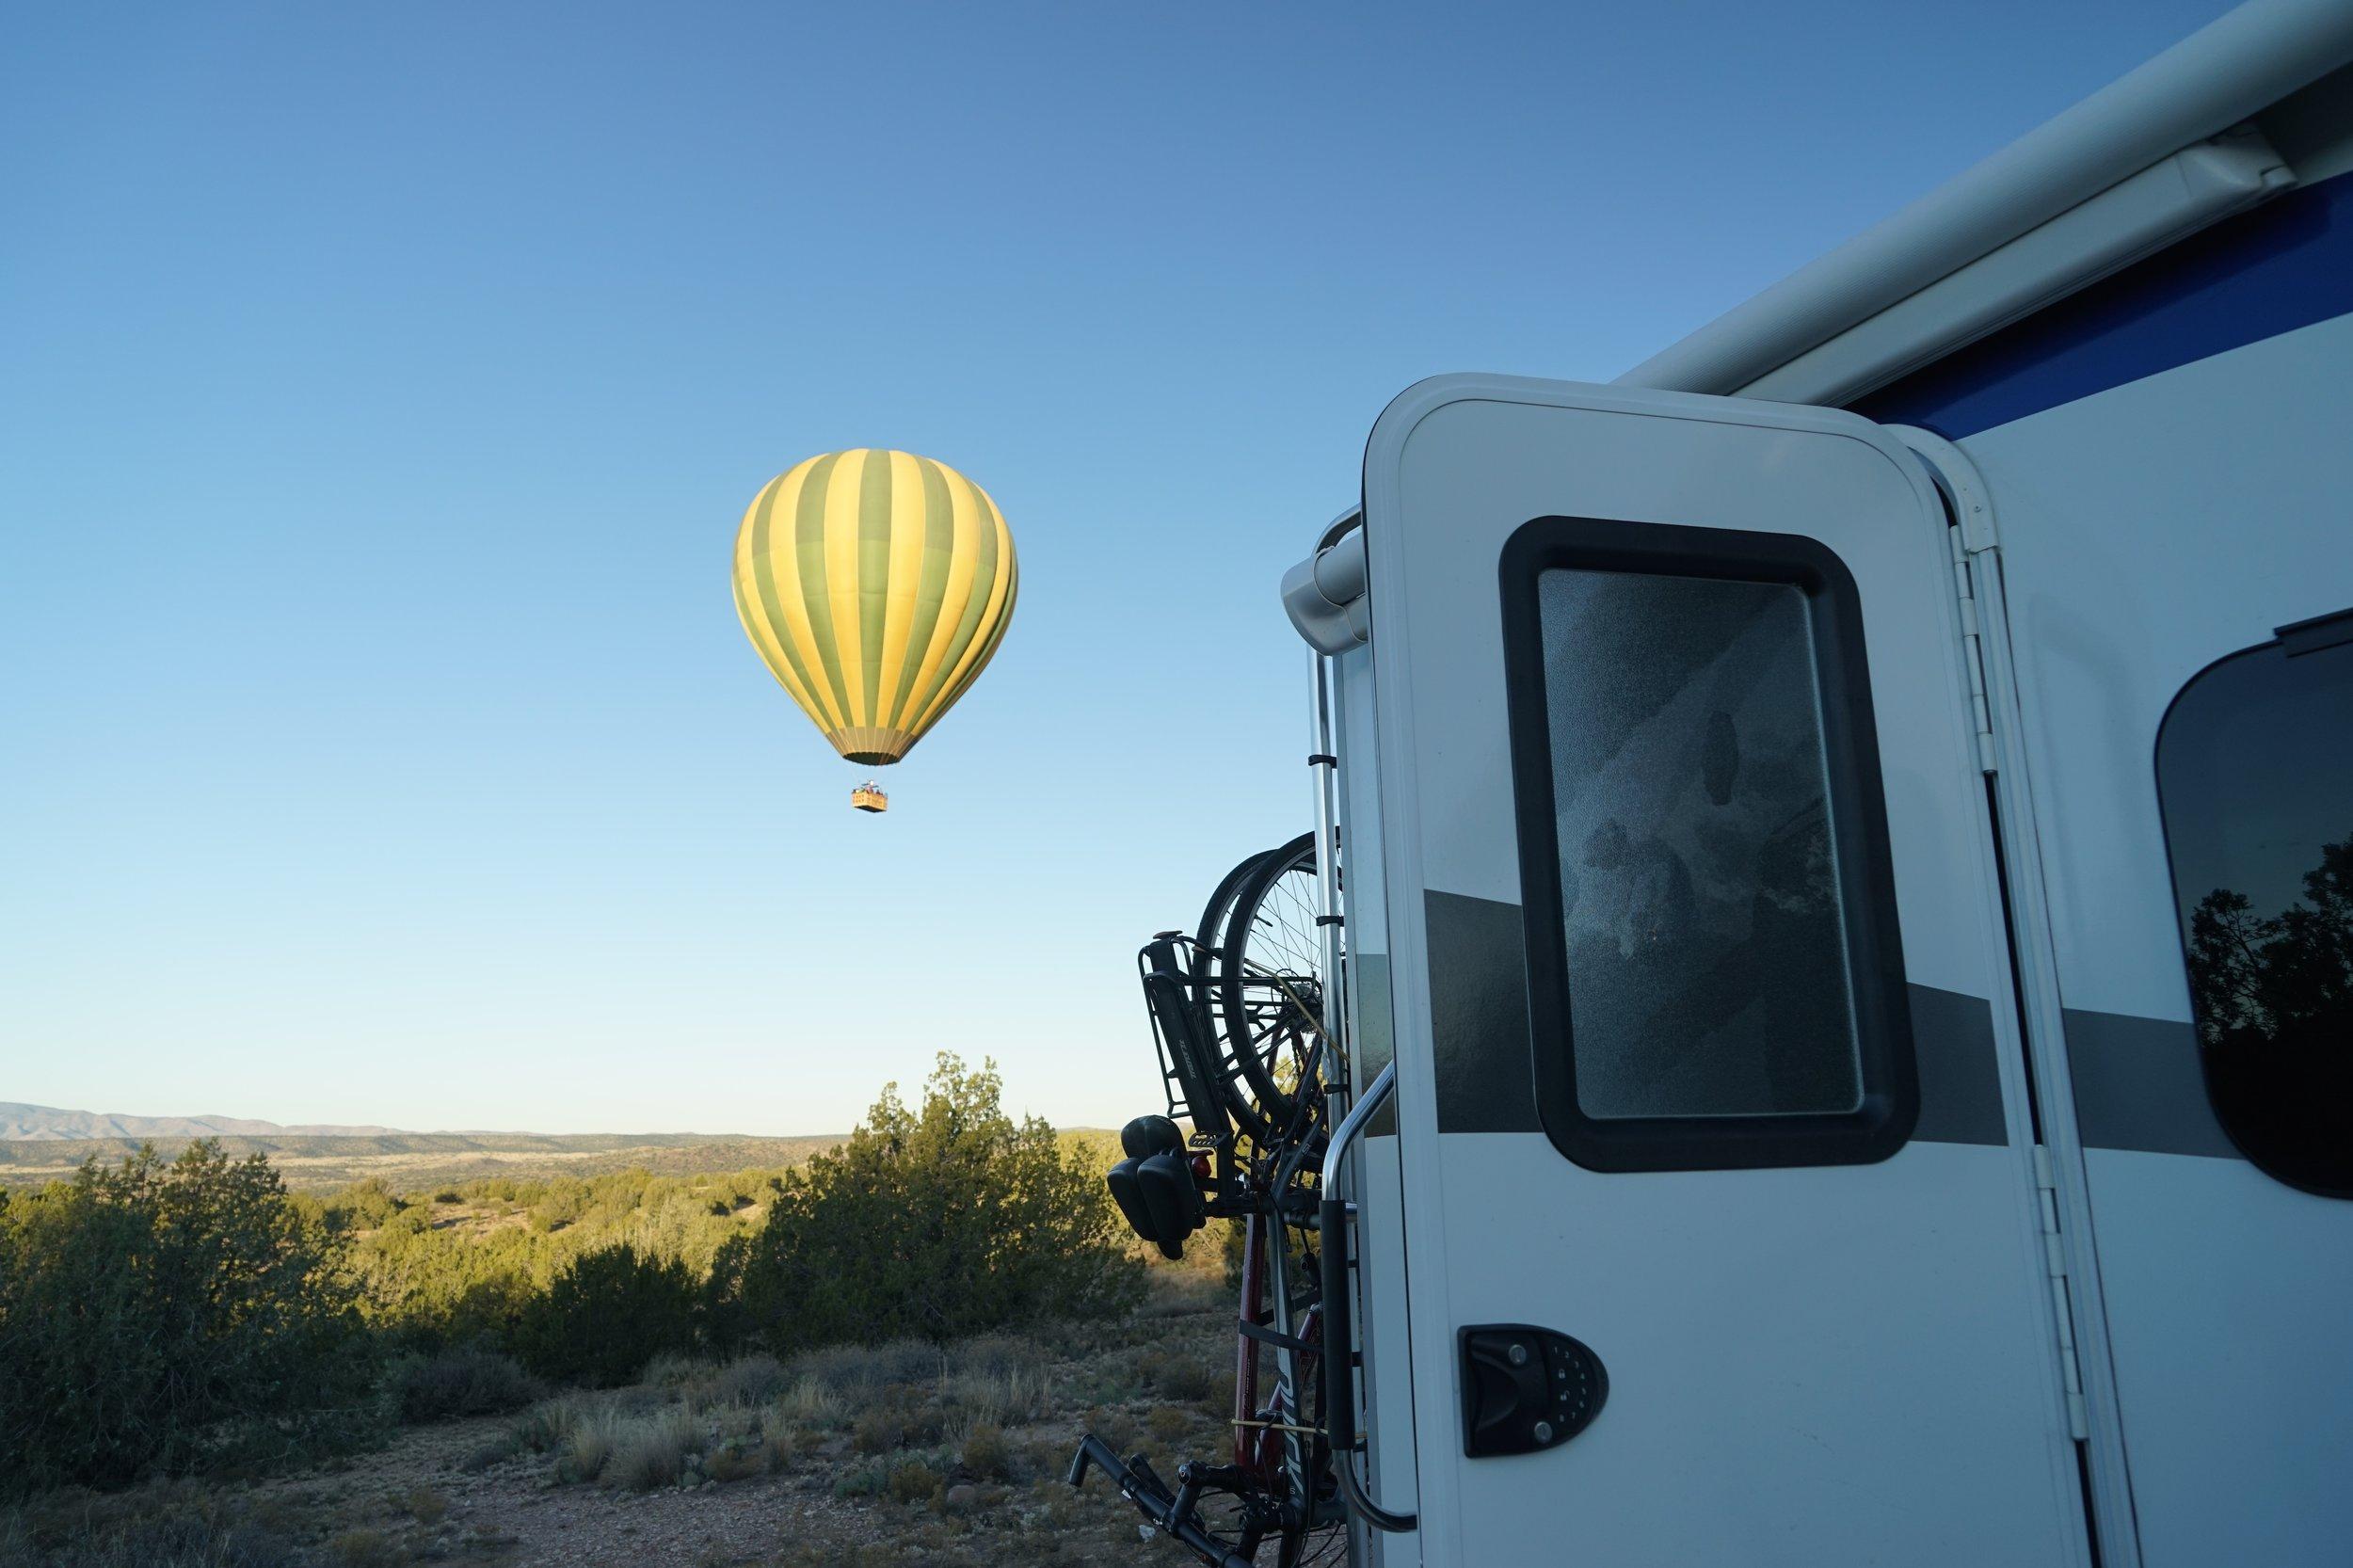 Ballon ride anyone!?